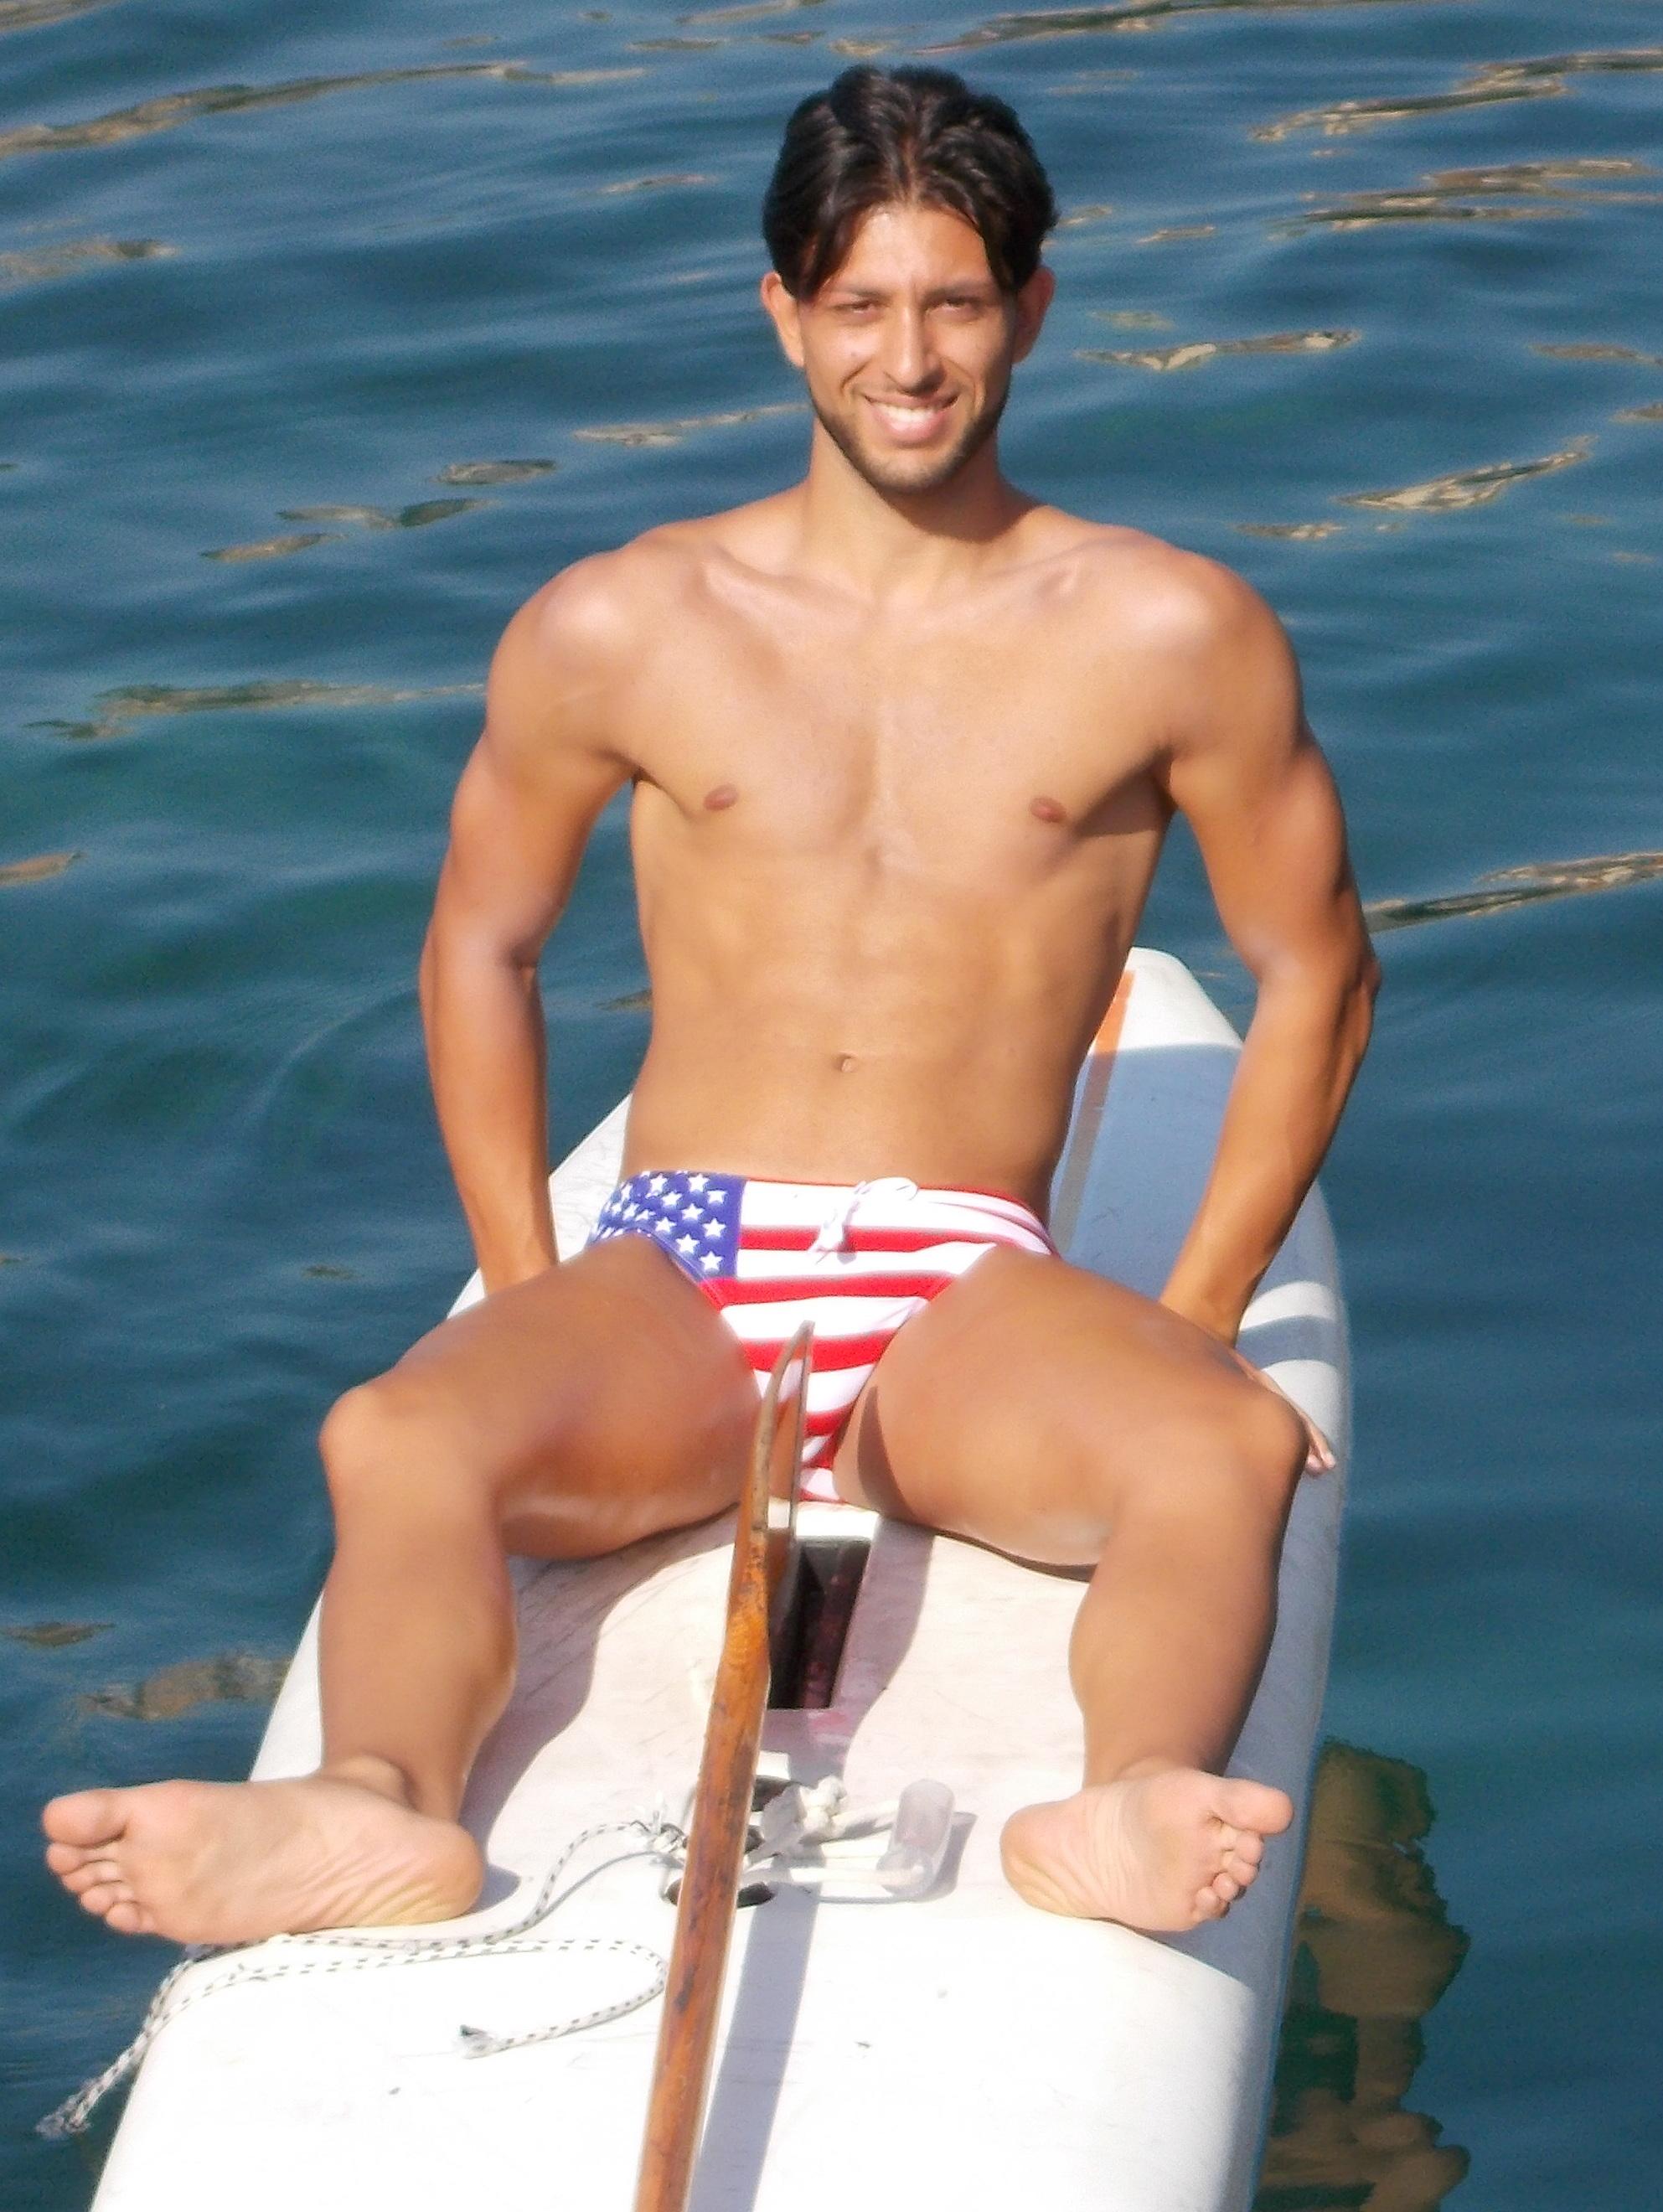 Claudio Cannio - 21 anni - ITC De Felice Giuffrida - Conosciuto a mare e solo prima della partenza visto sulla terraferma. Per la prima volta utilizzata la doppia pagaia per un neo acquisto, con arrivo fino al Nautico. Fra frizzi, lazzi e scivolate in acqua -N'ADDIVITTEMU-